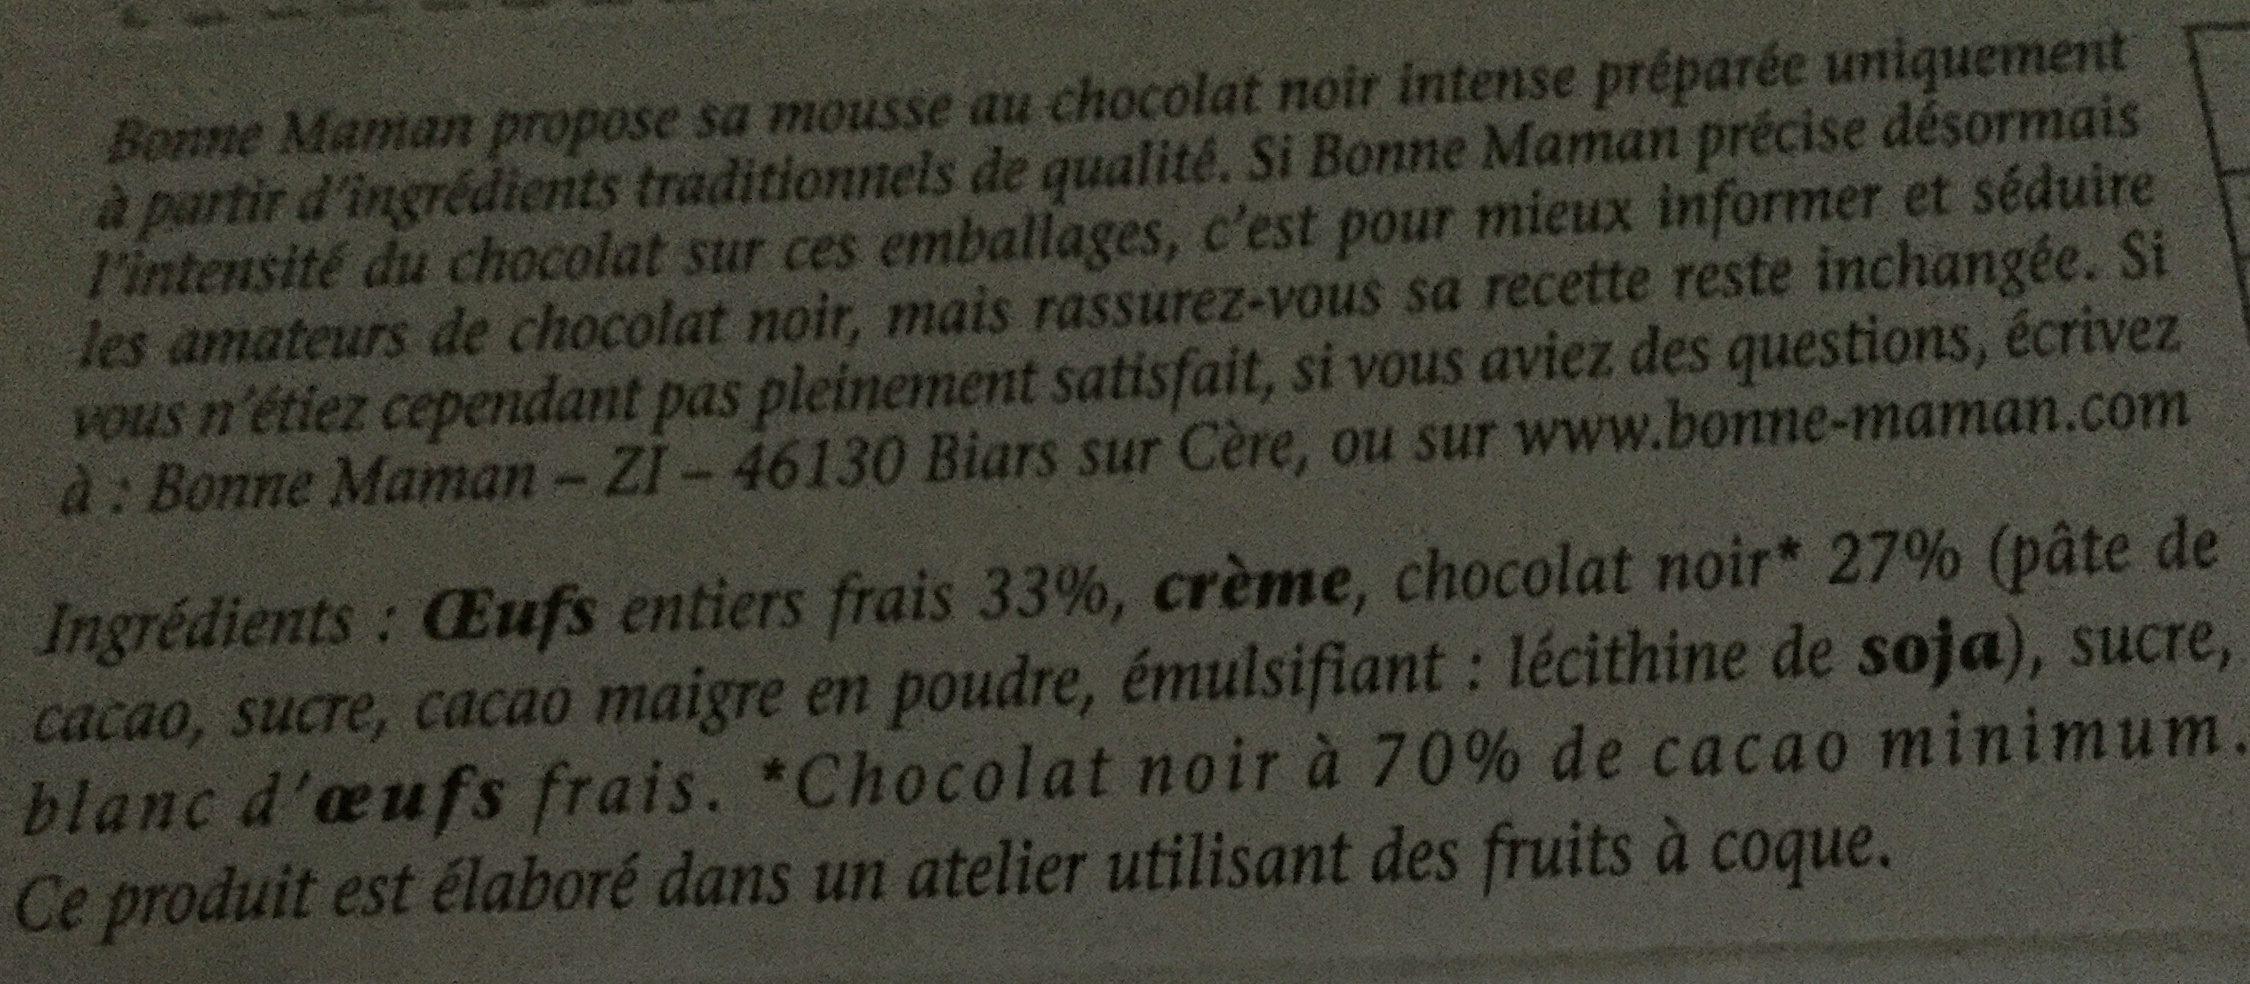 Mousse au chocolat aux œufs frais - Ingrediënten